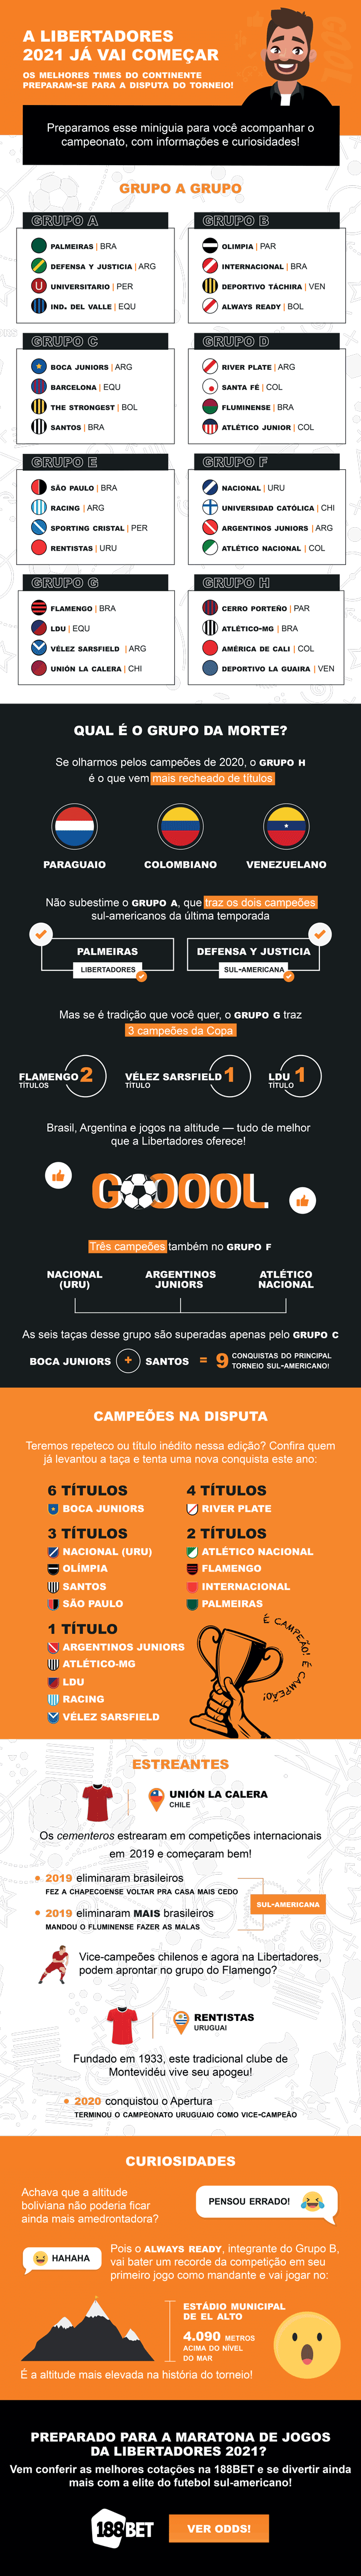 Infográfico Libertadores